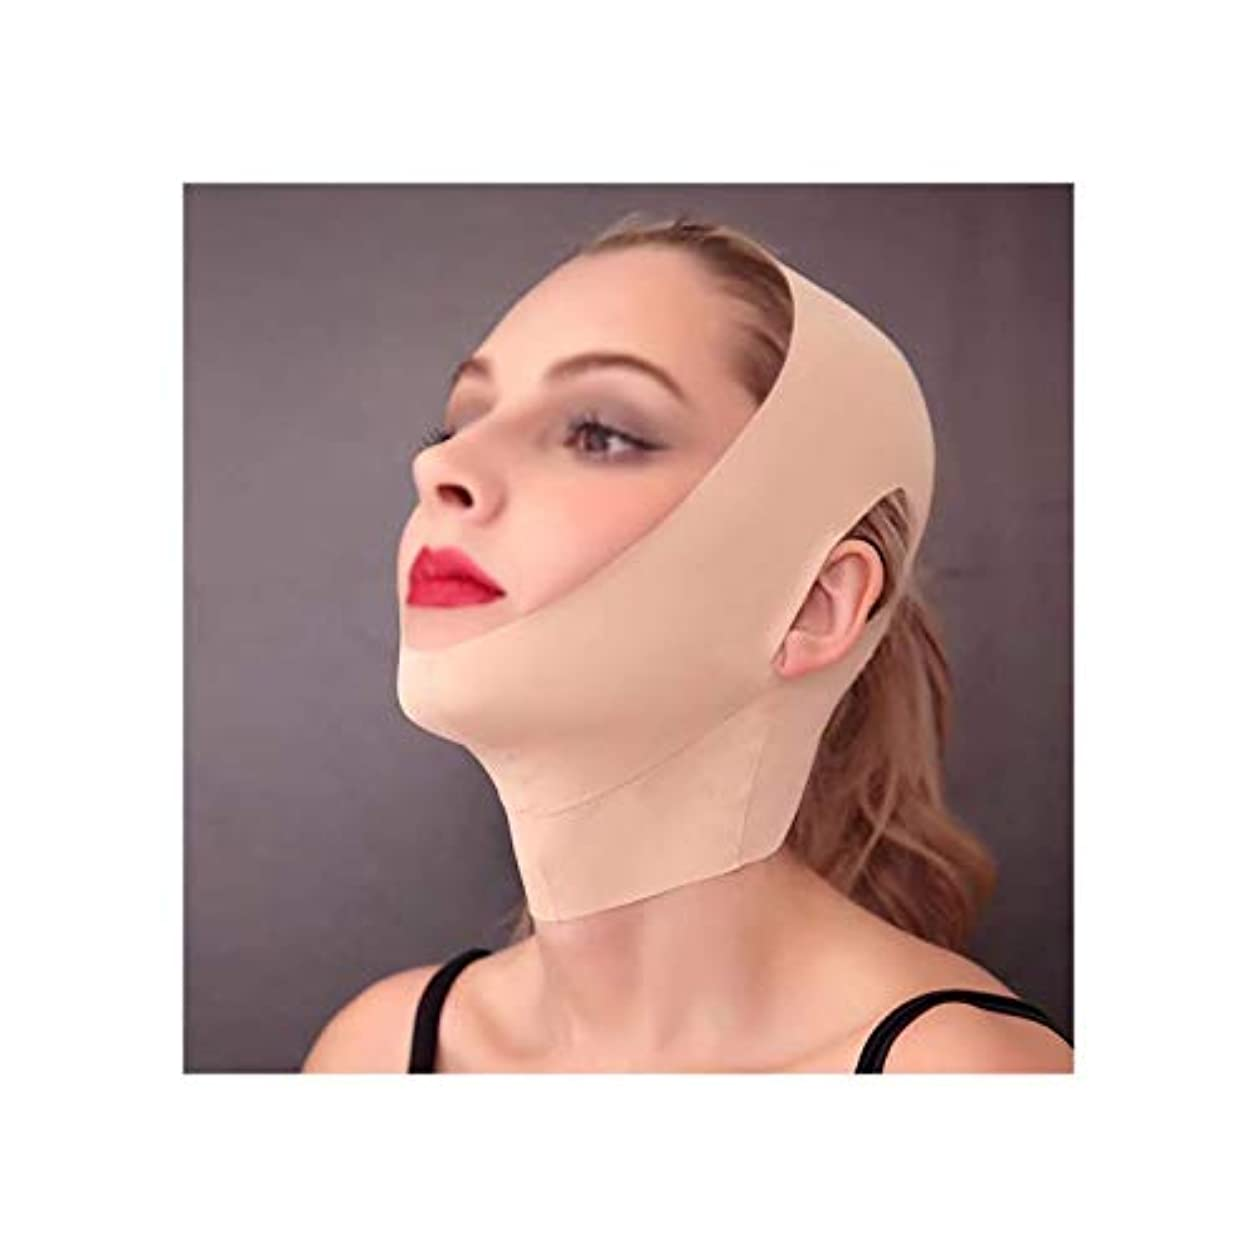 南西ボイラー提供されたフェイシャルマスク、フェイスリフティングアーティファクト女性男性の睡眠顔Vフェイス包帯マスクリフティングフェイス補正引き締め顔に二重あご痩身ベルト